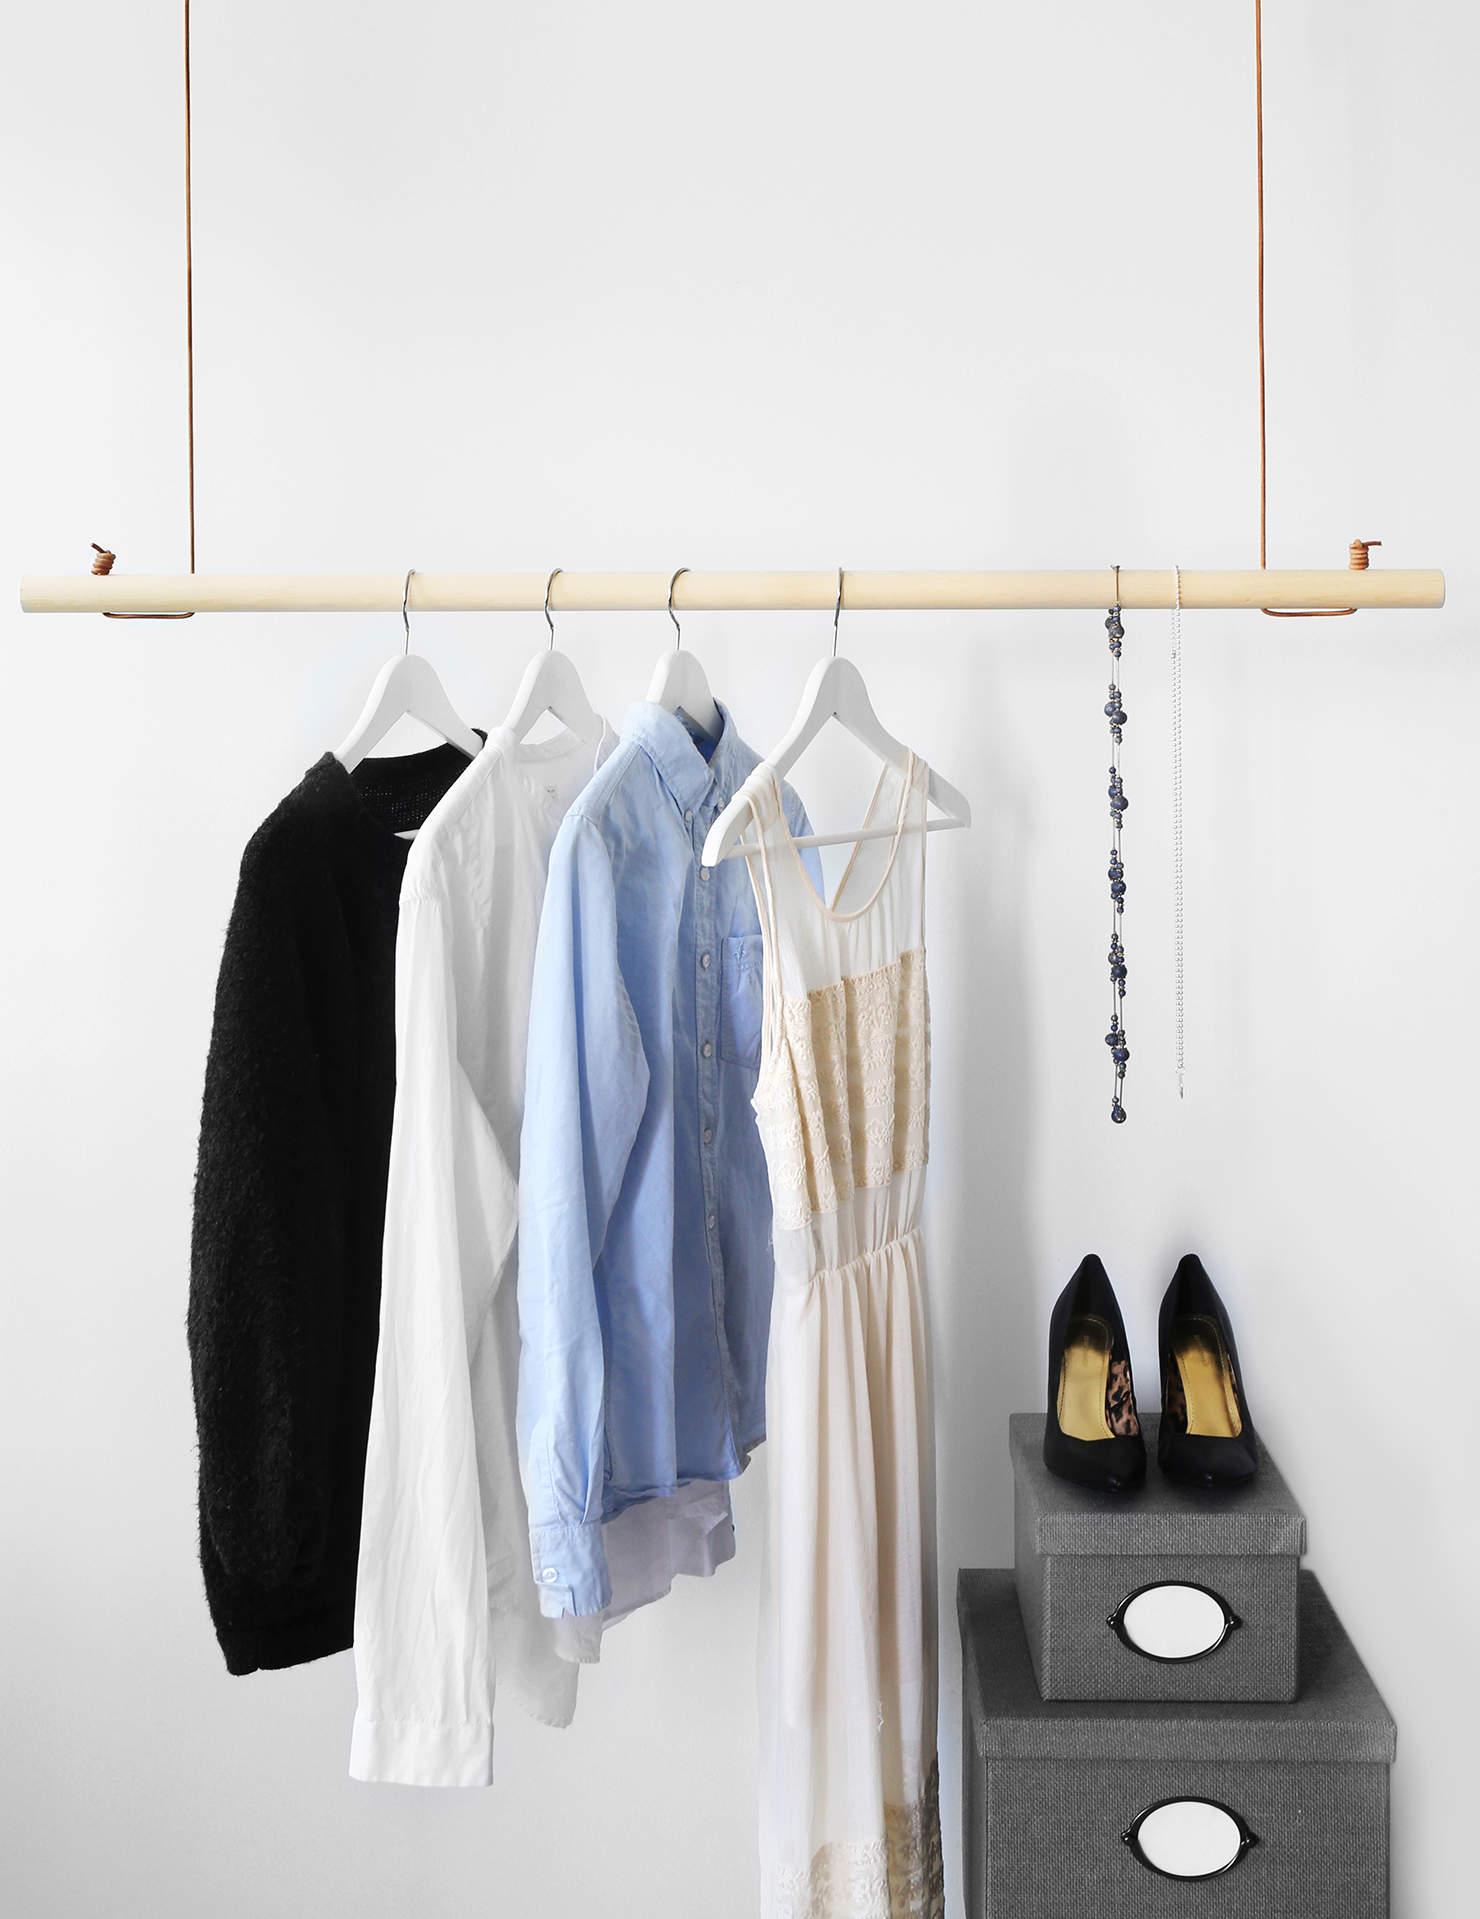 DIY Bygg trendiga klädhängaren av rundstav och läder u2013 på bara 20 min Gör det själv DIY